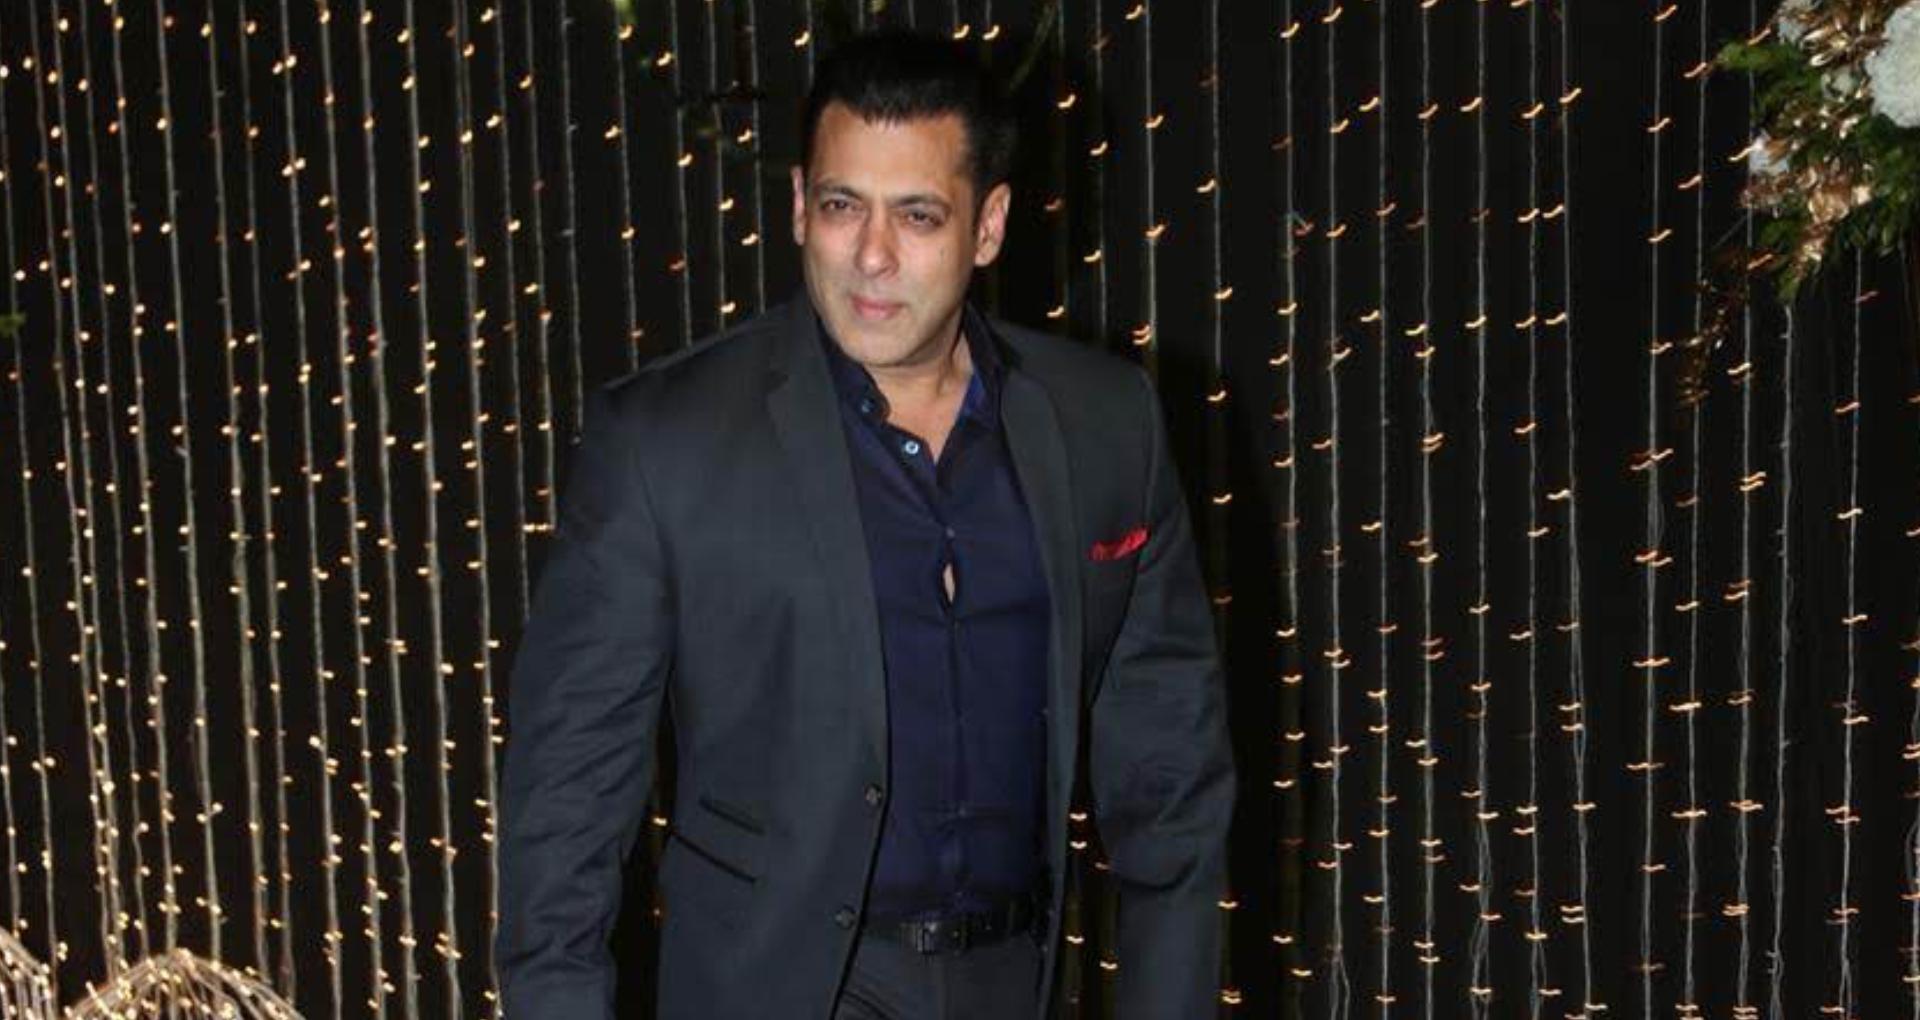 सलमान खान फिल्म तेरे नाम के सीक्वल में आ सकते हैं नजर, सतीश कौशिक की फिल्म में फिर दिखेगा उनका राधे अवतार!